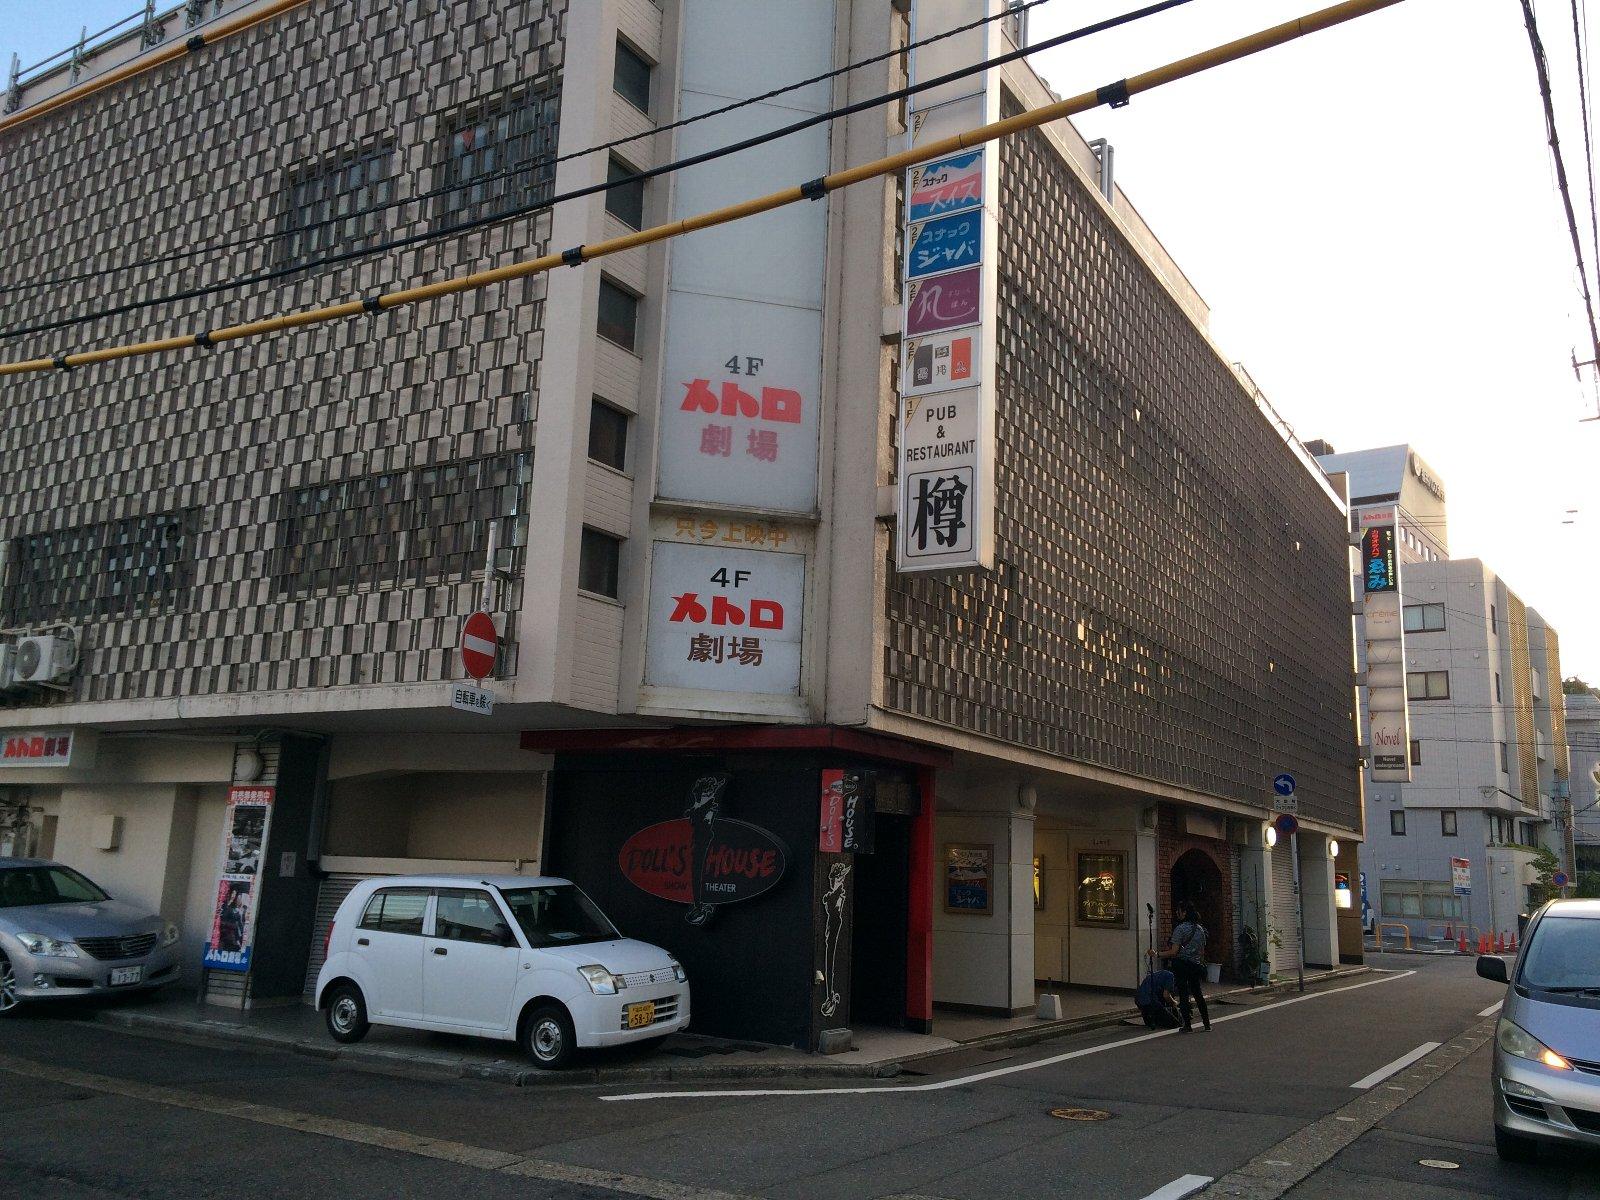 20190812 メトロ劇場